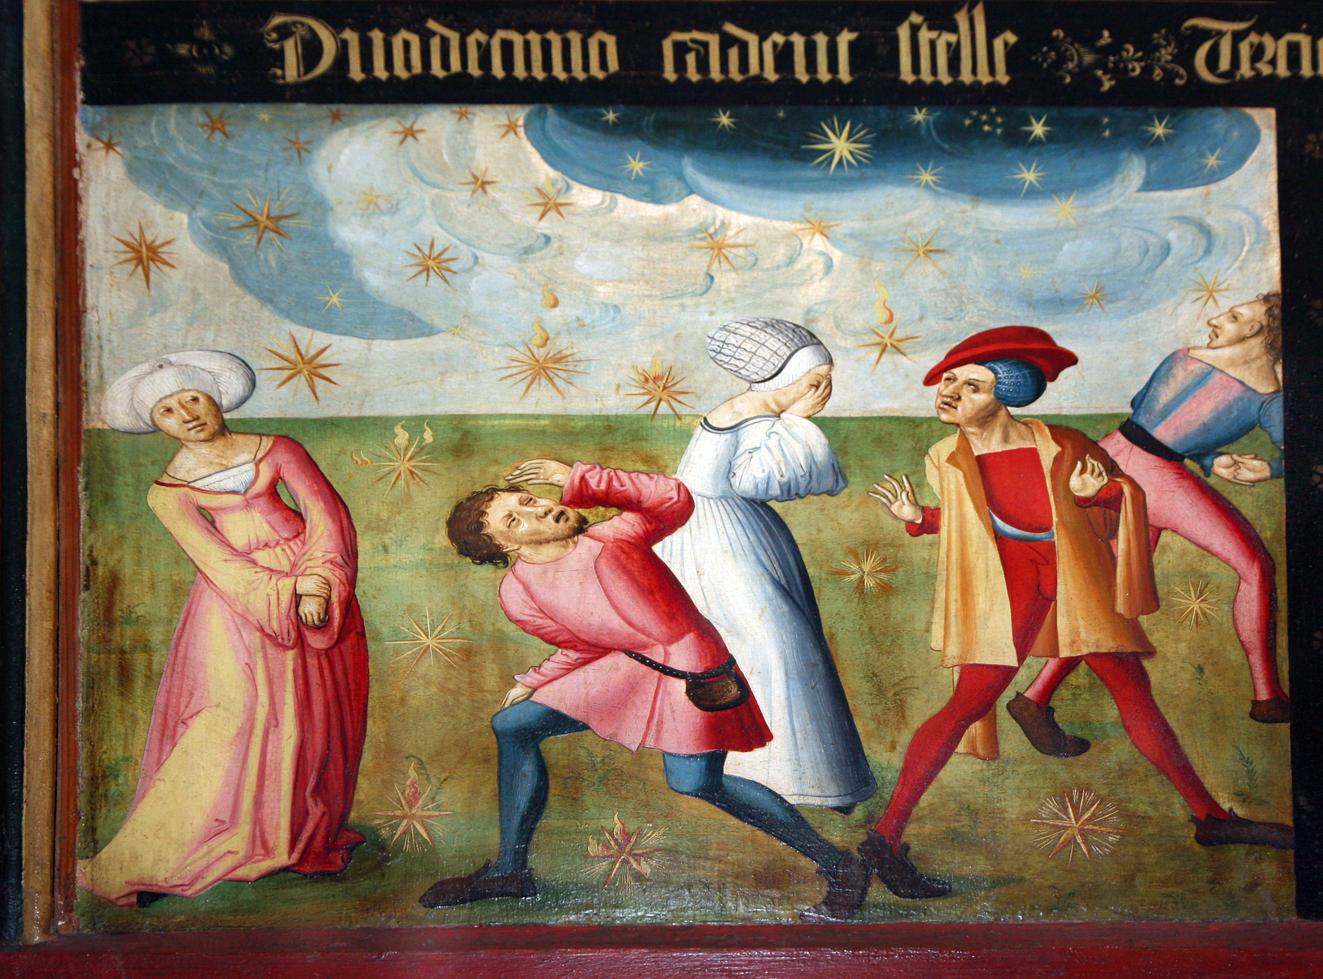 Agréable Les Etoiles Tombent Du Ciel #8: Les Etoiles Tombent Du Ciel. Et Les Bêtes Sont Sans Manger